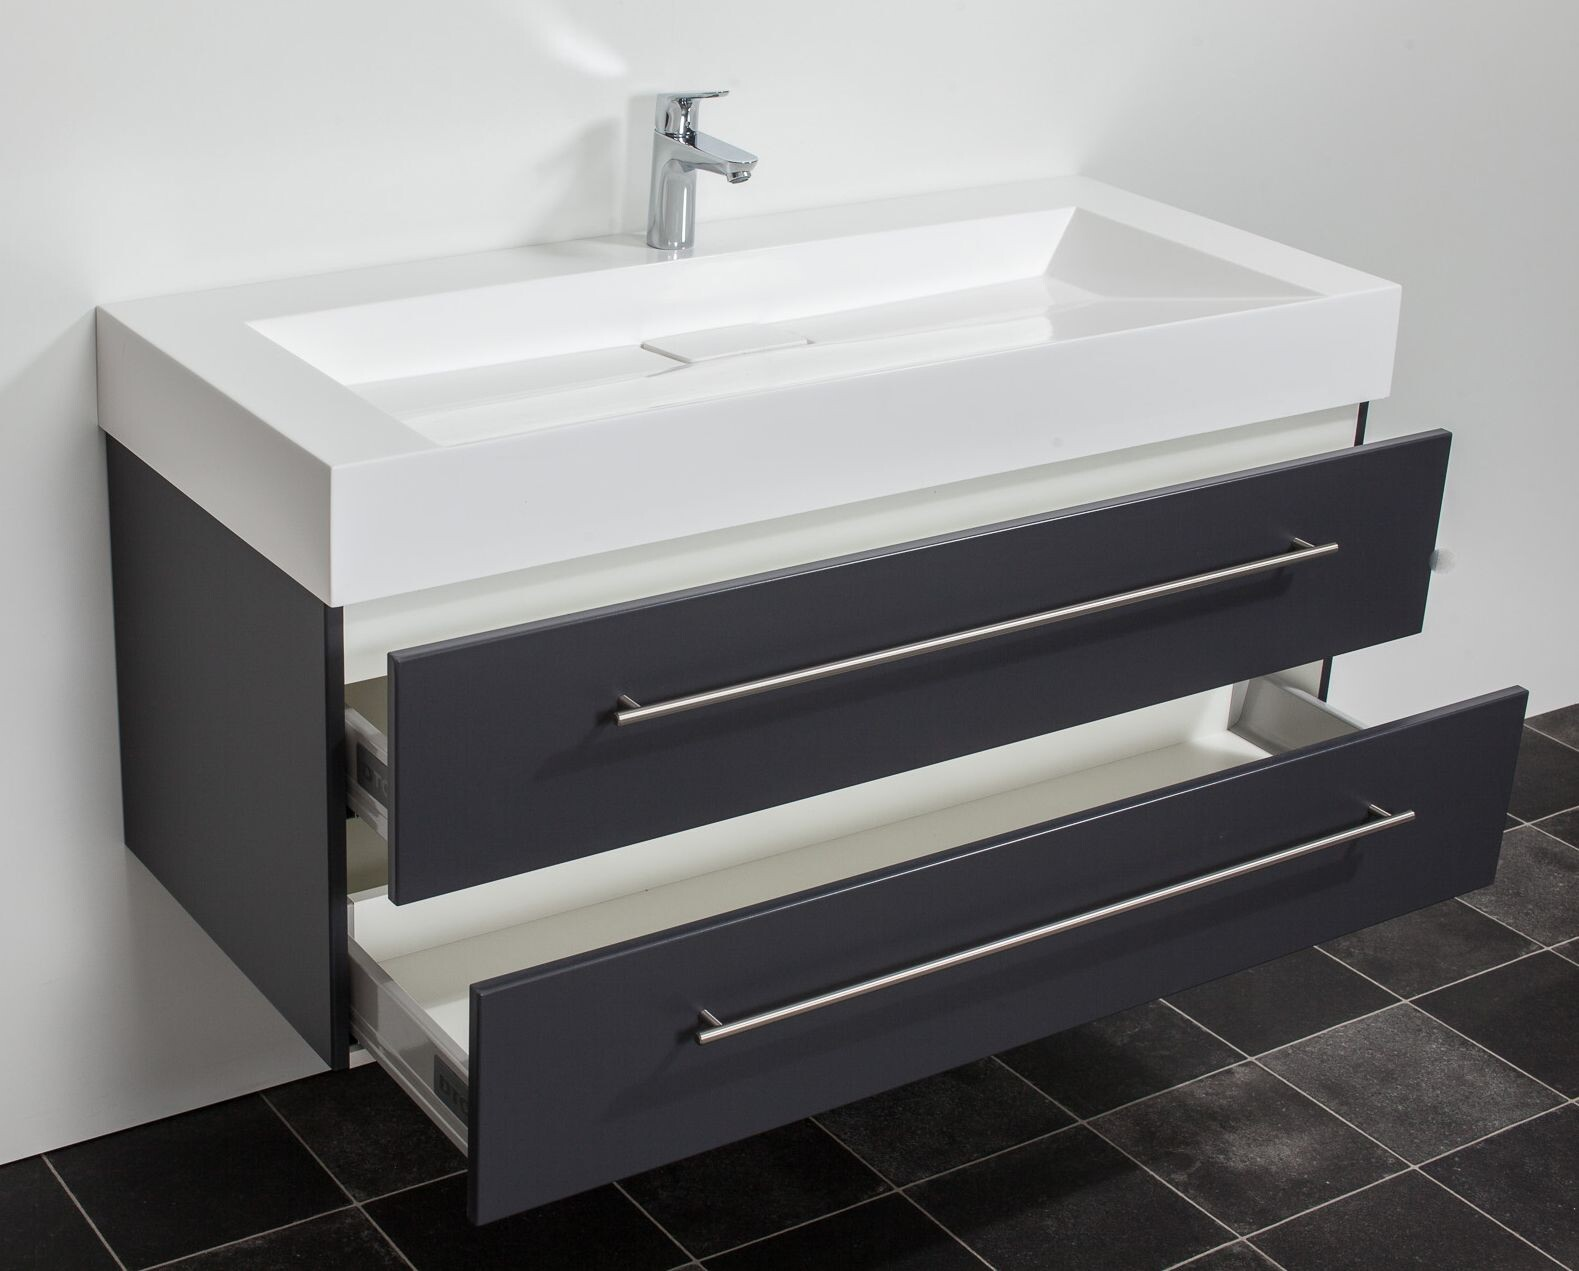 Nieuw wastafelmeubel 120 badkamermeubels ontwerpen 2017 for Badkamermeubel ontwerpen